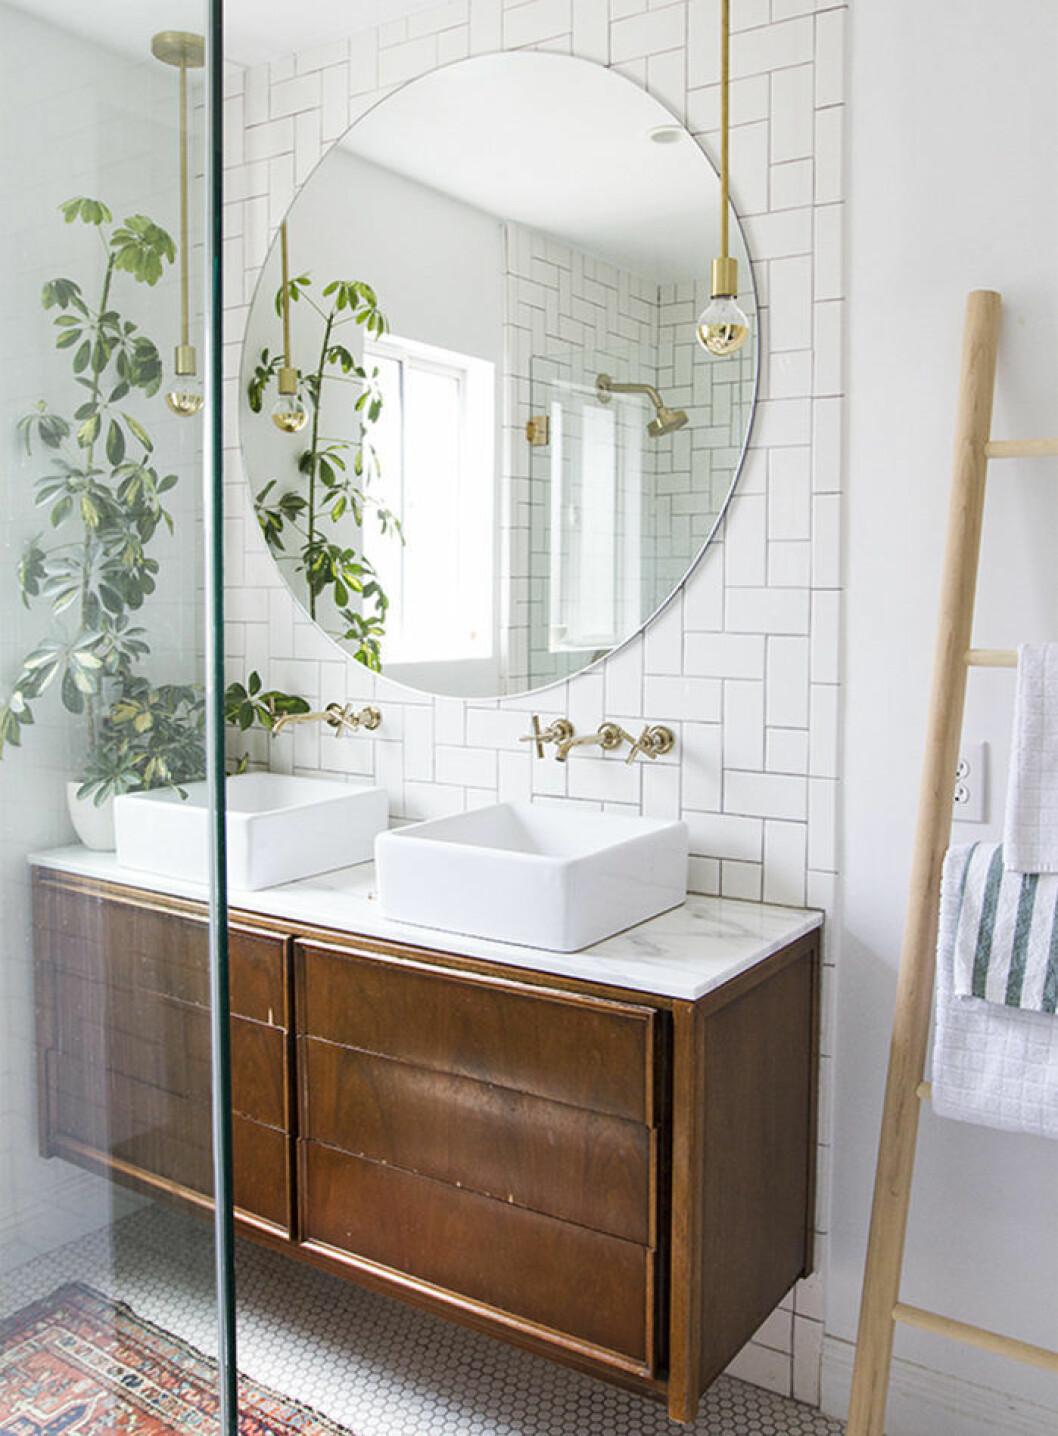 Badrum med träförvaring, rund stor spegel och kakel i vitt